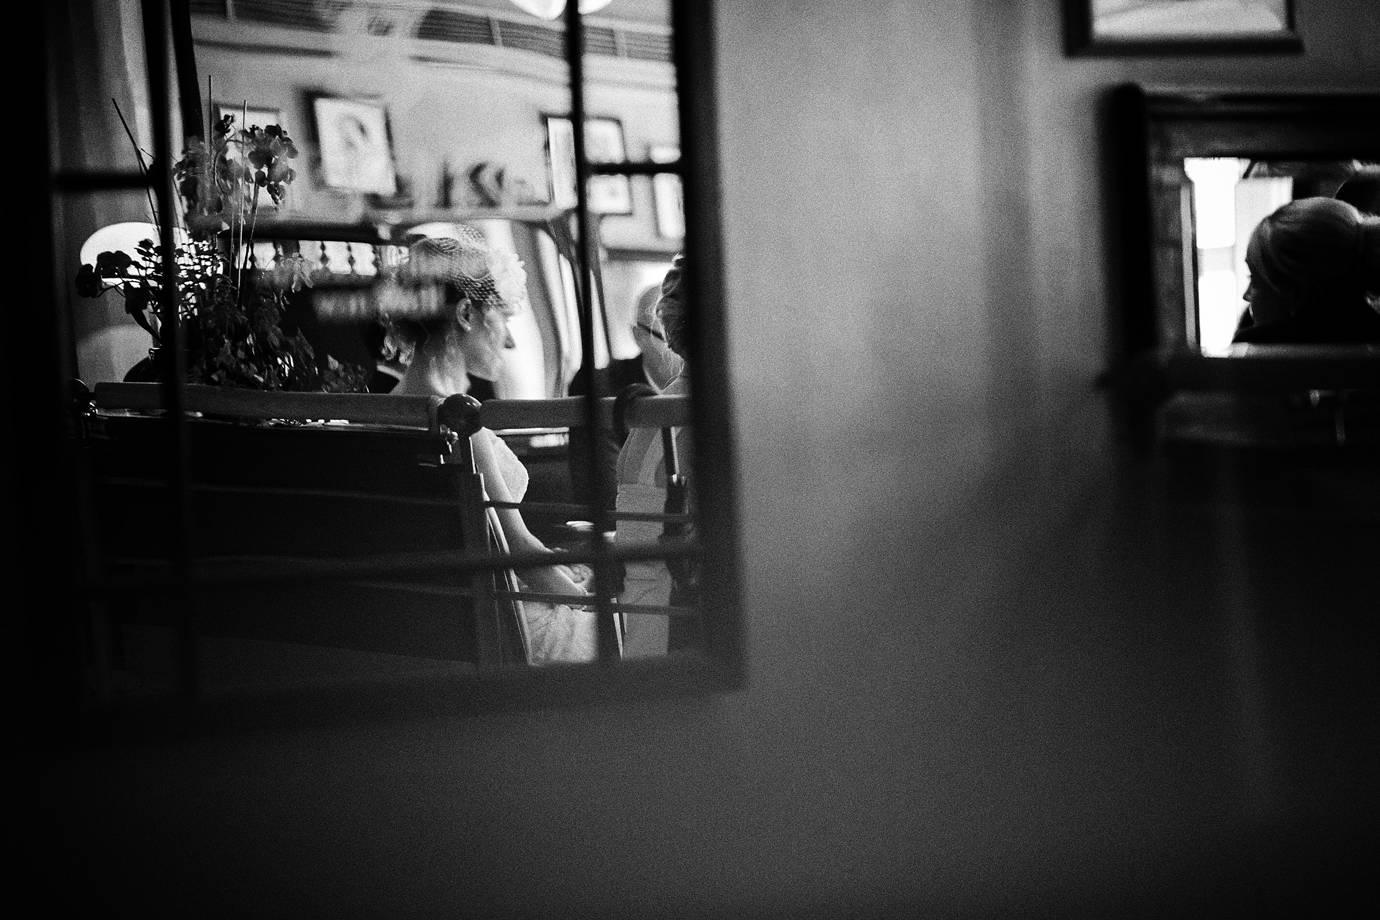 hochzeitsfotograf bremer rathaus 075 - Christine+Rico